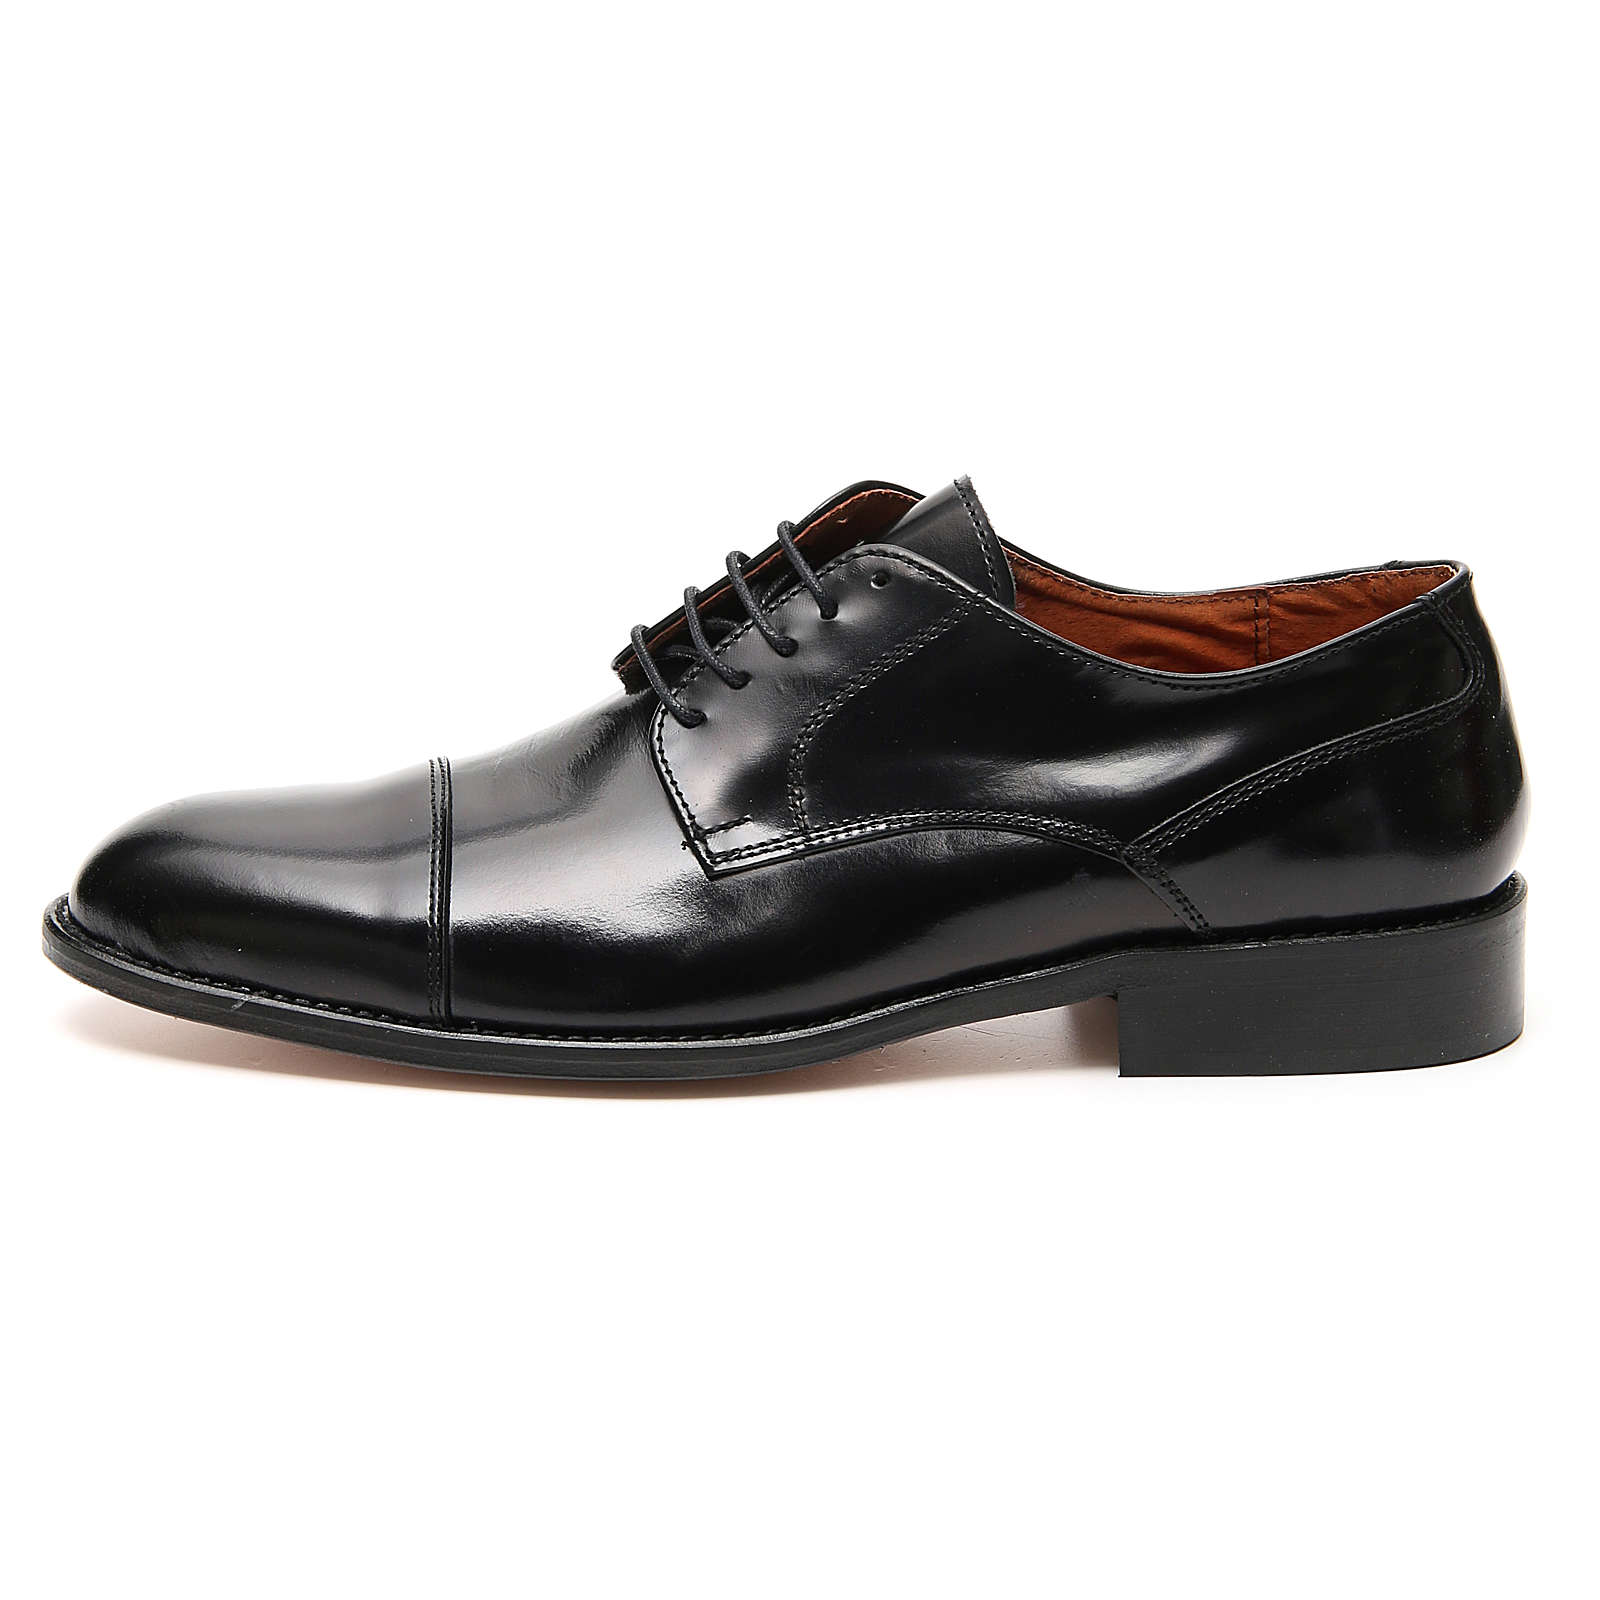 Chaussures cuir véritable abrasivato noir lisse 4